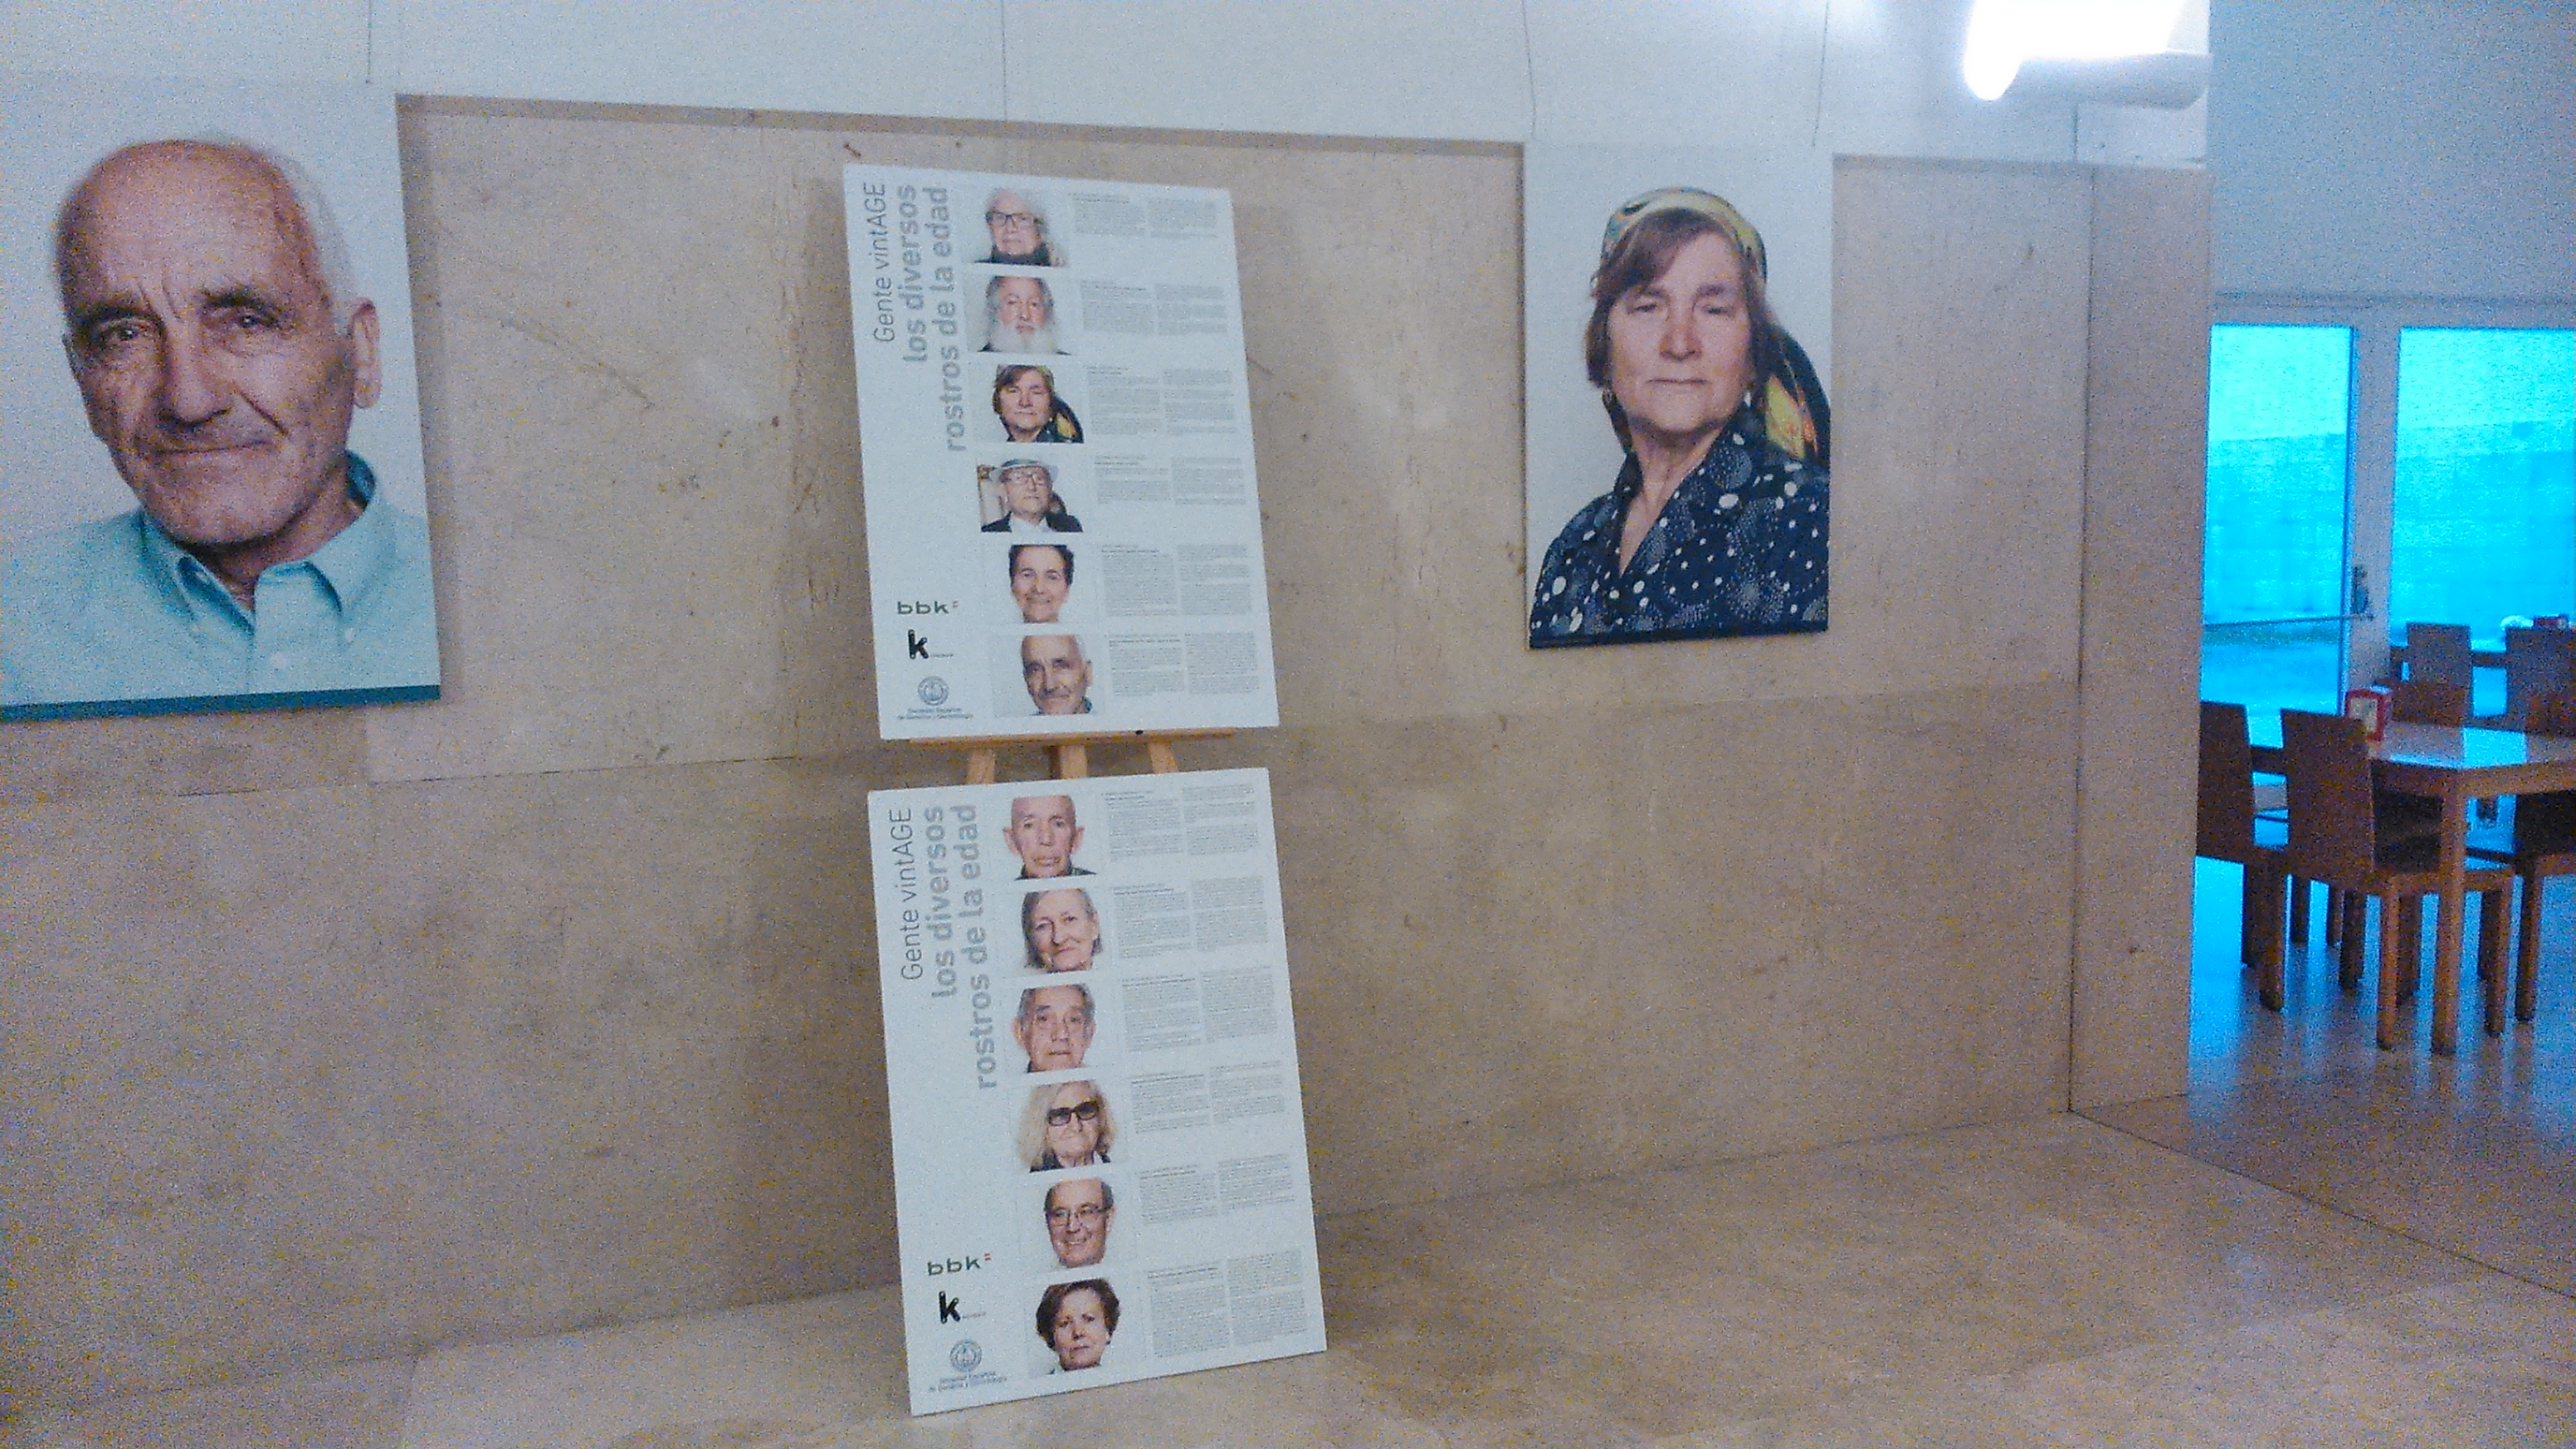 Exposición en la faculta de CC. Comunicación de Santiago de Compostela | Andrea Pérez